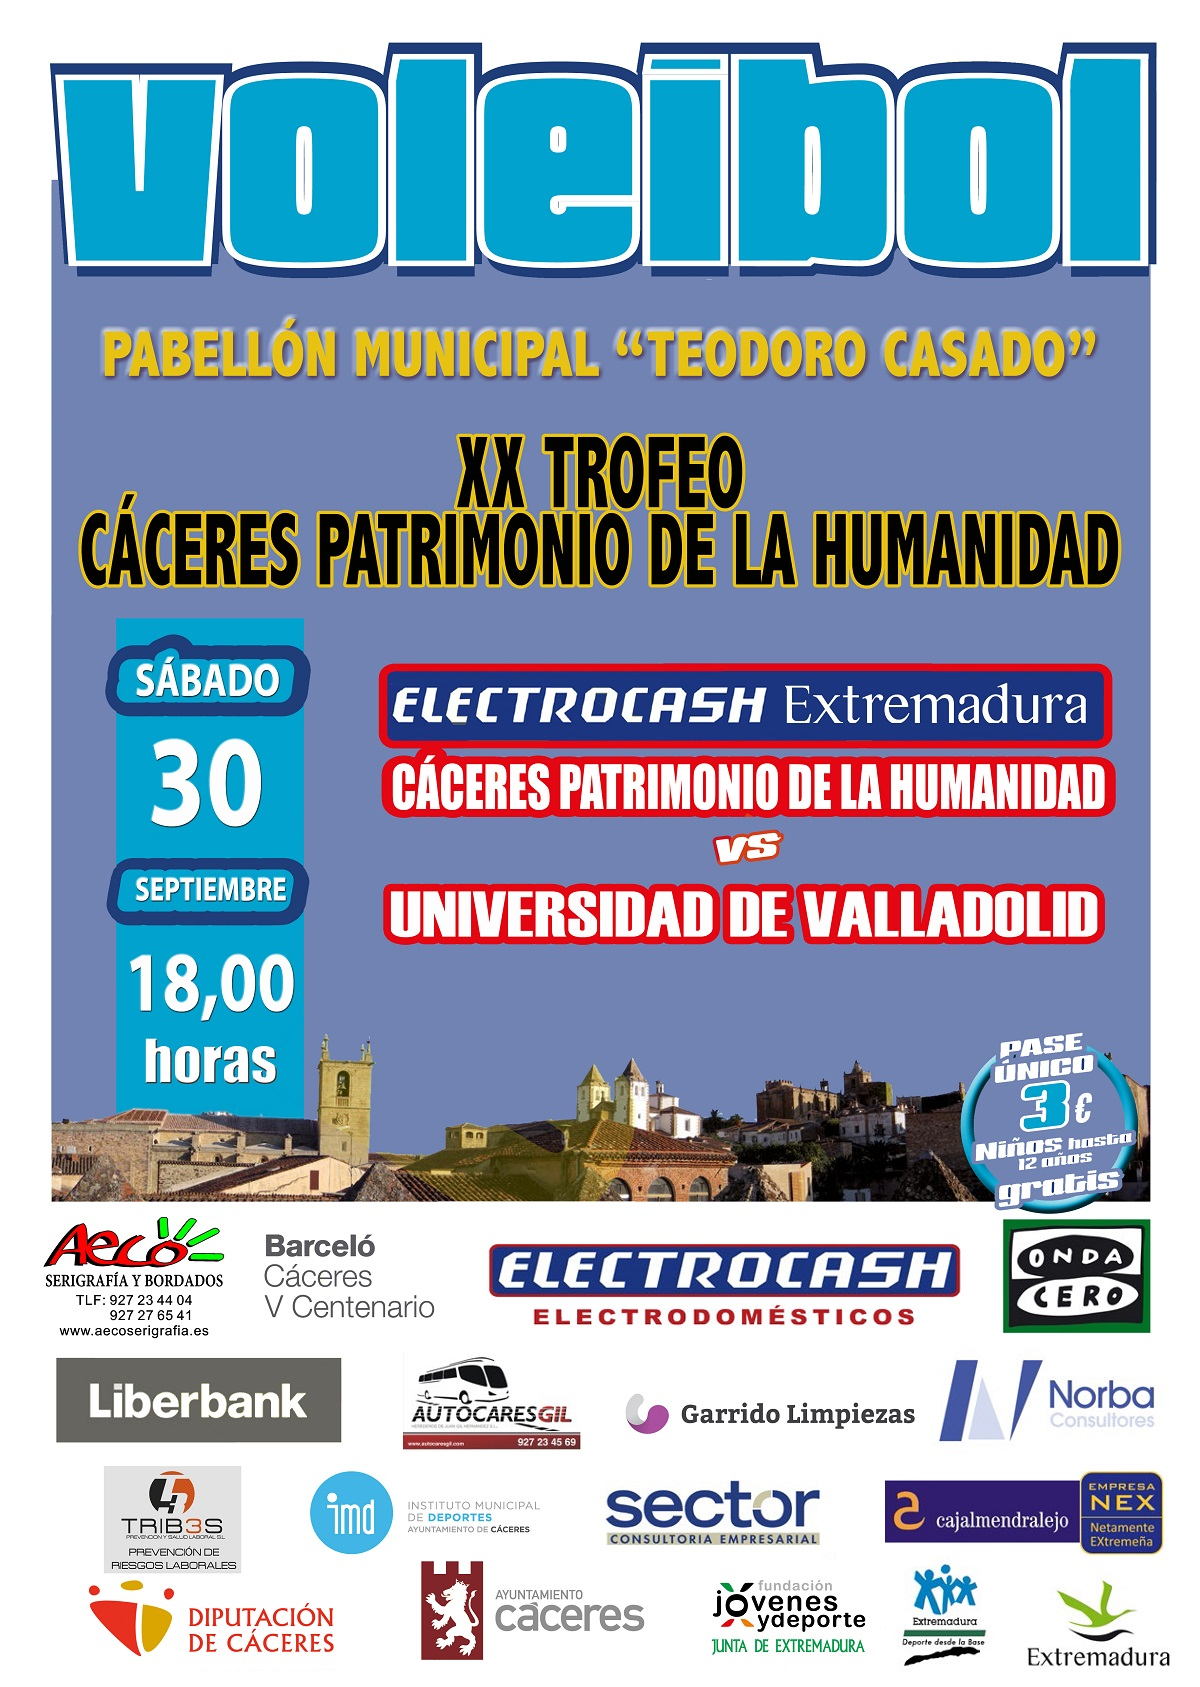 Presentación Electrocash Extreadura y Trofeo Cáceres Patrimonio de la Humanidad